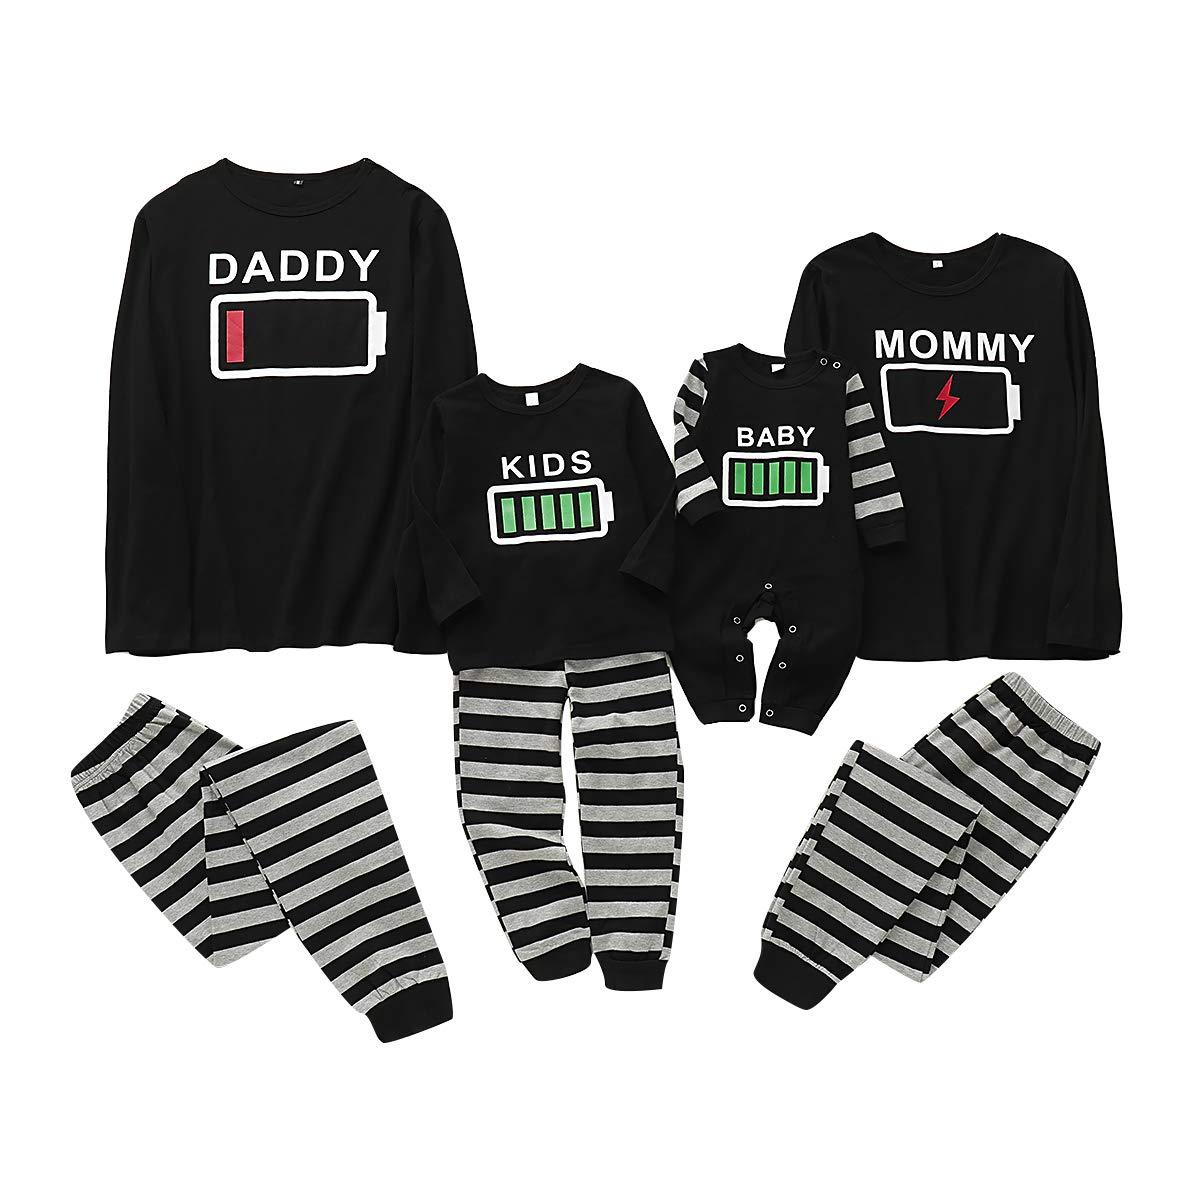 Haokaini Weihnachten Familie passenden Pyjamas Set Batterie Nachtw/äsche Pyjamas Set f/ür Frauen M/änner Kind Baby